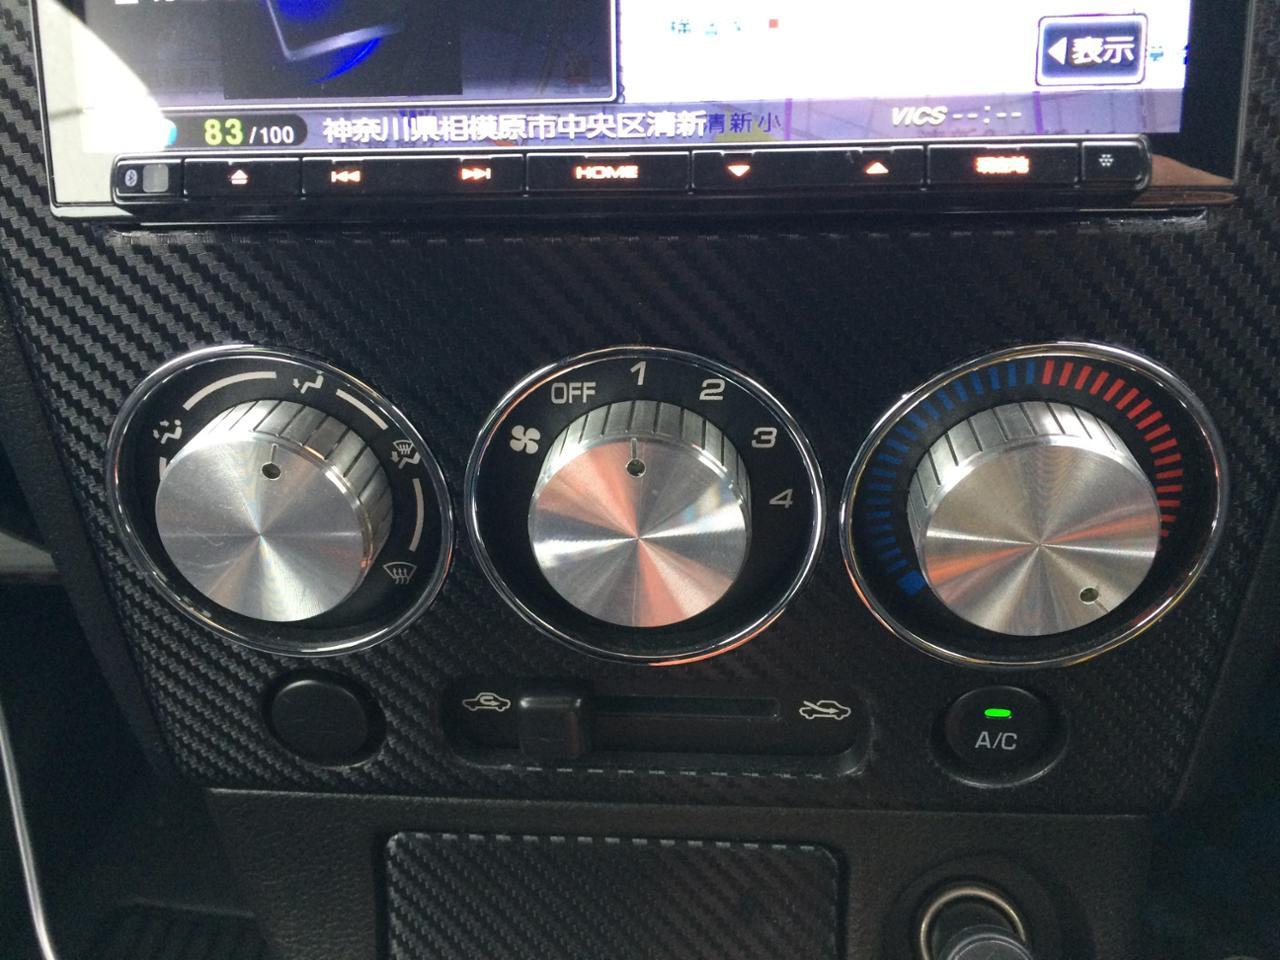 ヤフオク エアコン アルミ製 ツマミ3個セット